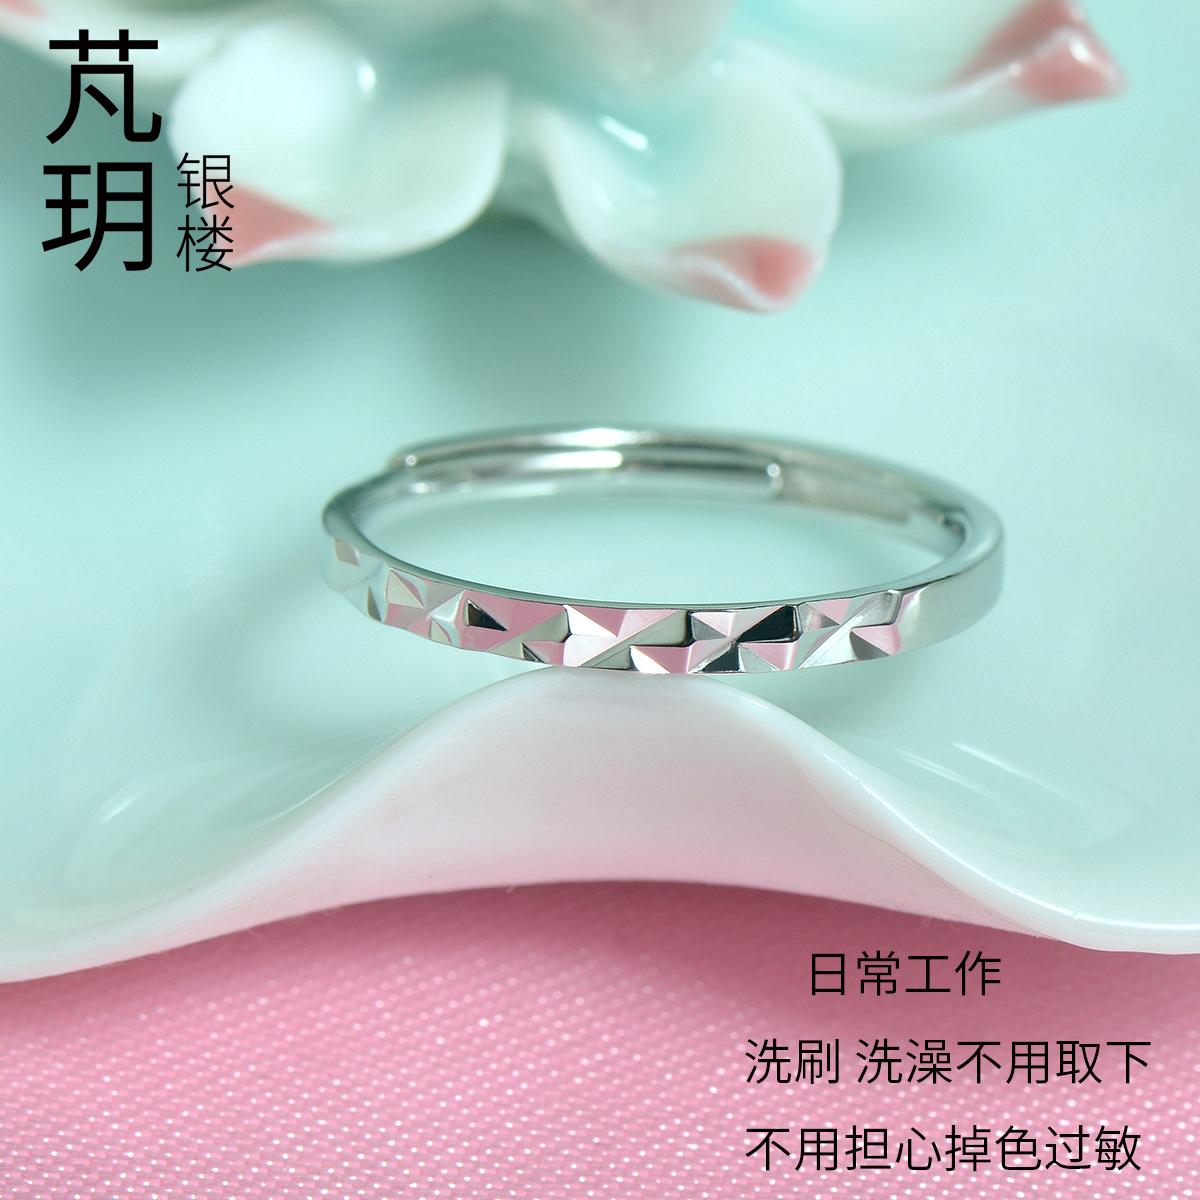 Peng Yue Sterling Silver Starry Glossy Ring Nữ Mở Ring Ring S925 Sinh viên Hàn Quốc Cặp đôi đơn giản Vòng đuôi - Nhẫn